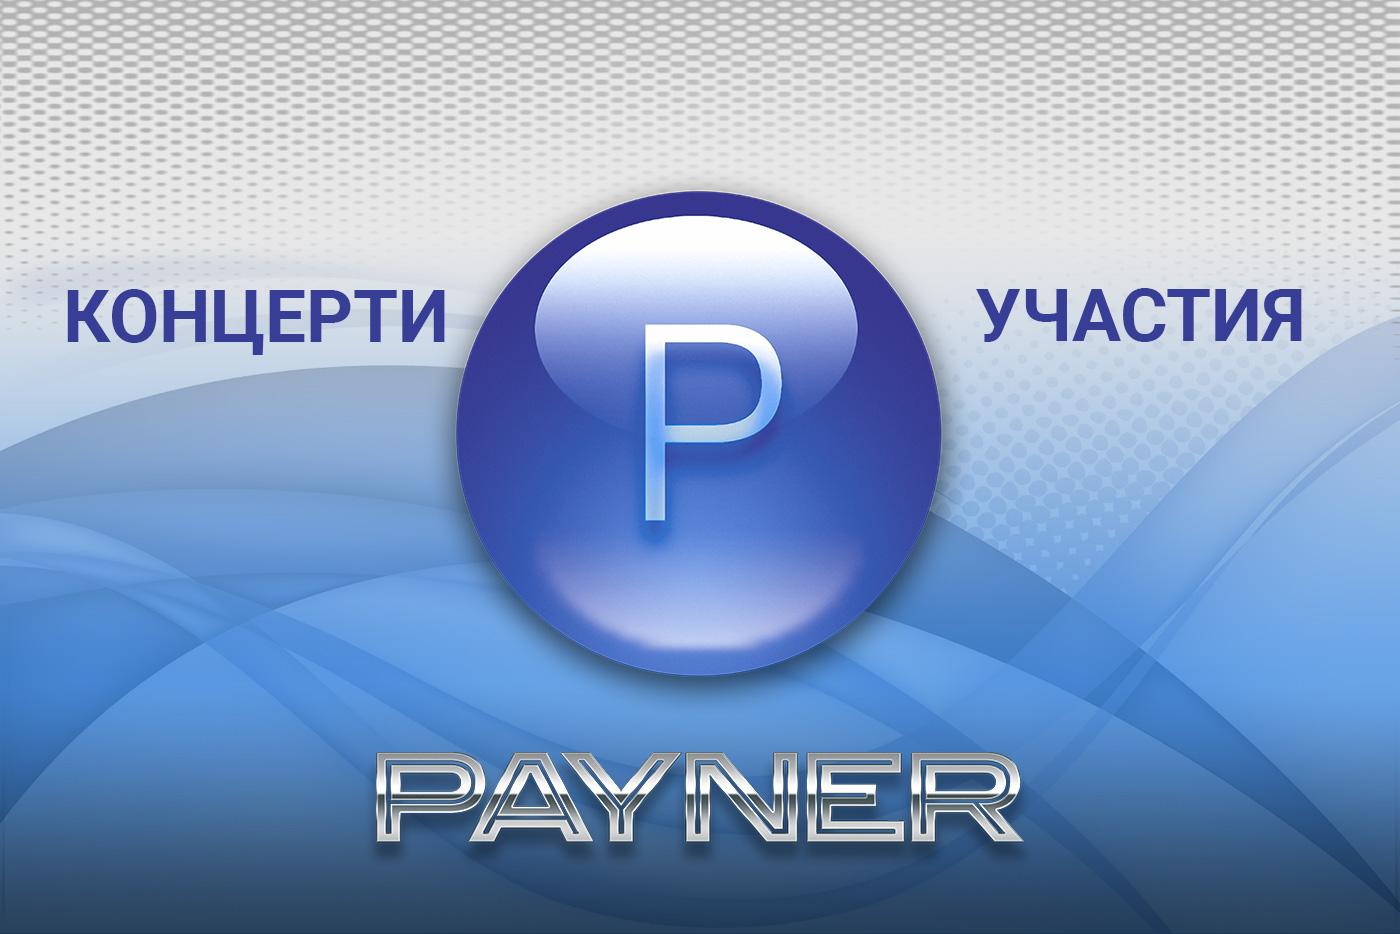 """Участия на звездите на """"Пайнер"""" на 22.04.2019"""